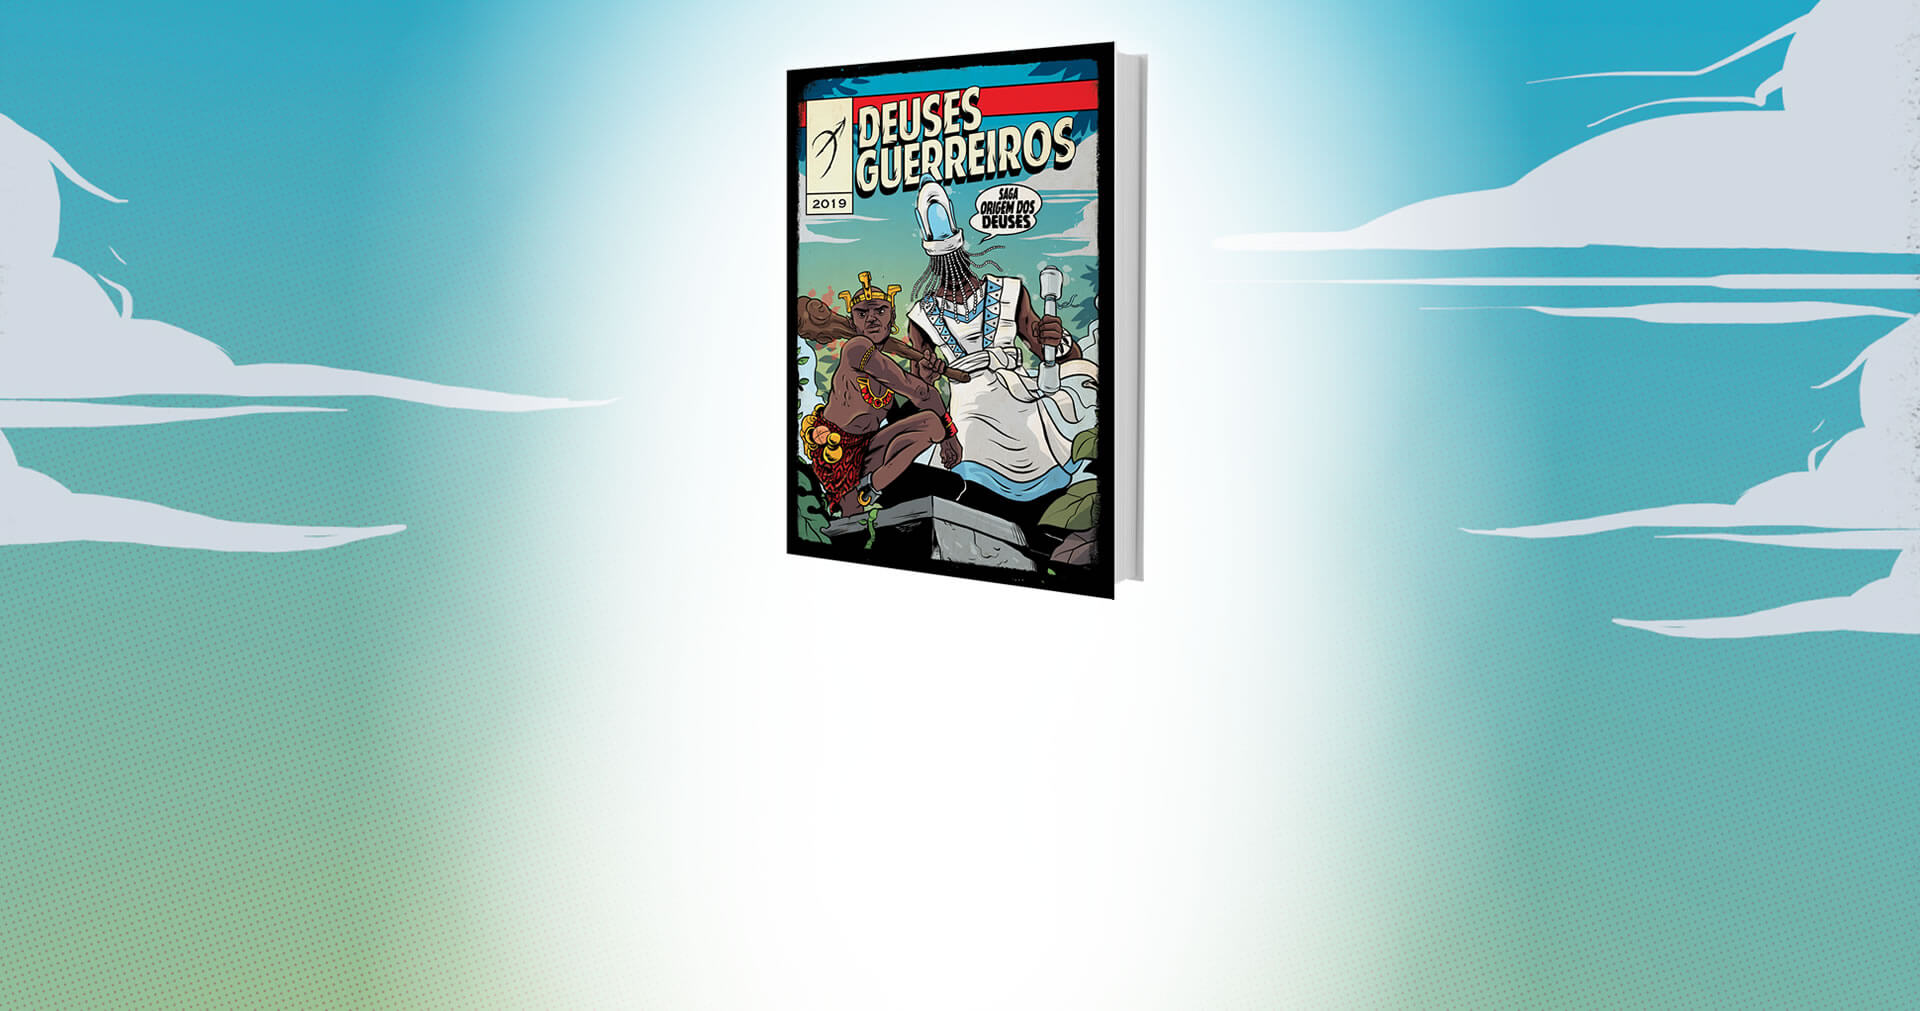 Release | Deuses Guerreiros é a estreia infantojuvenil da editora